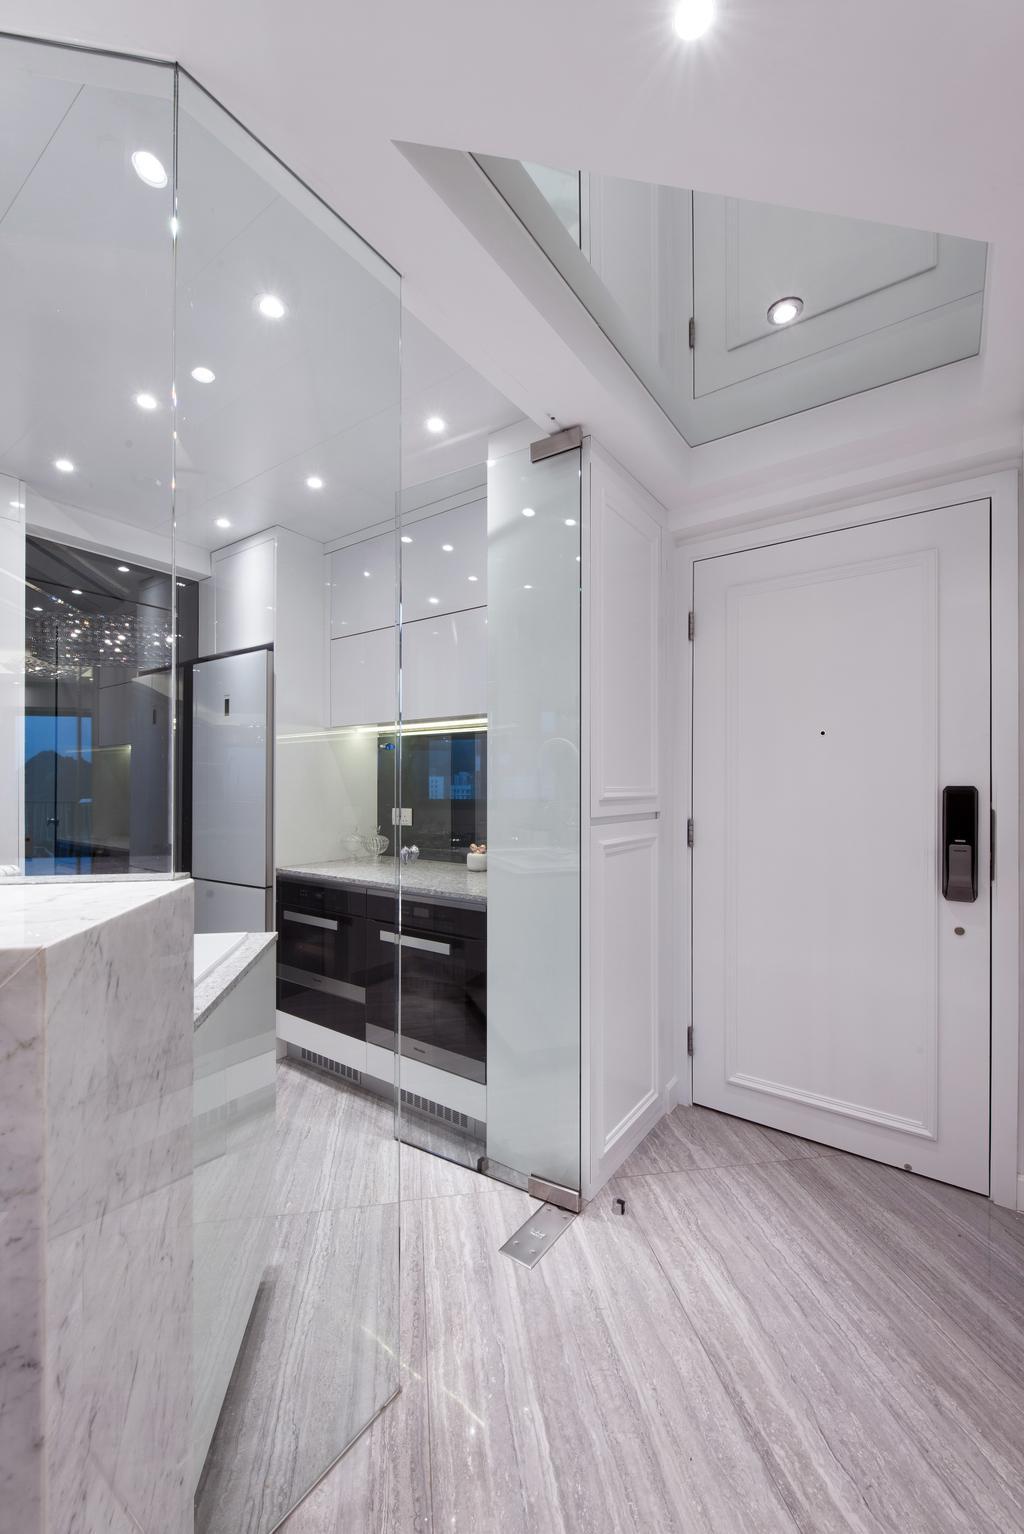 摩登, 私家樓, 客廳, 嘉亨灣, 室內設計師, Space Design, Door, Sliding Door